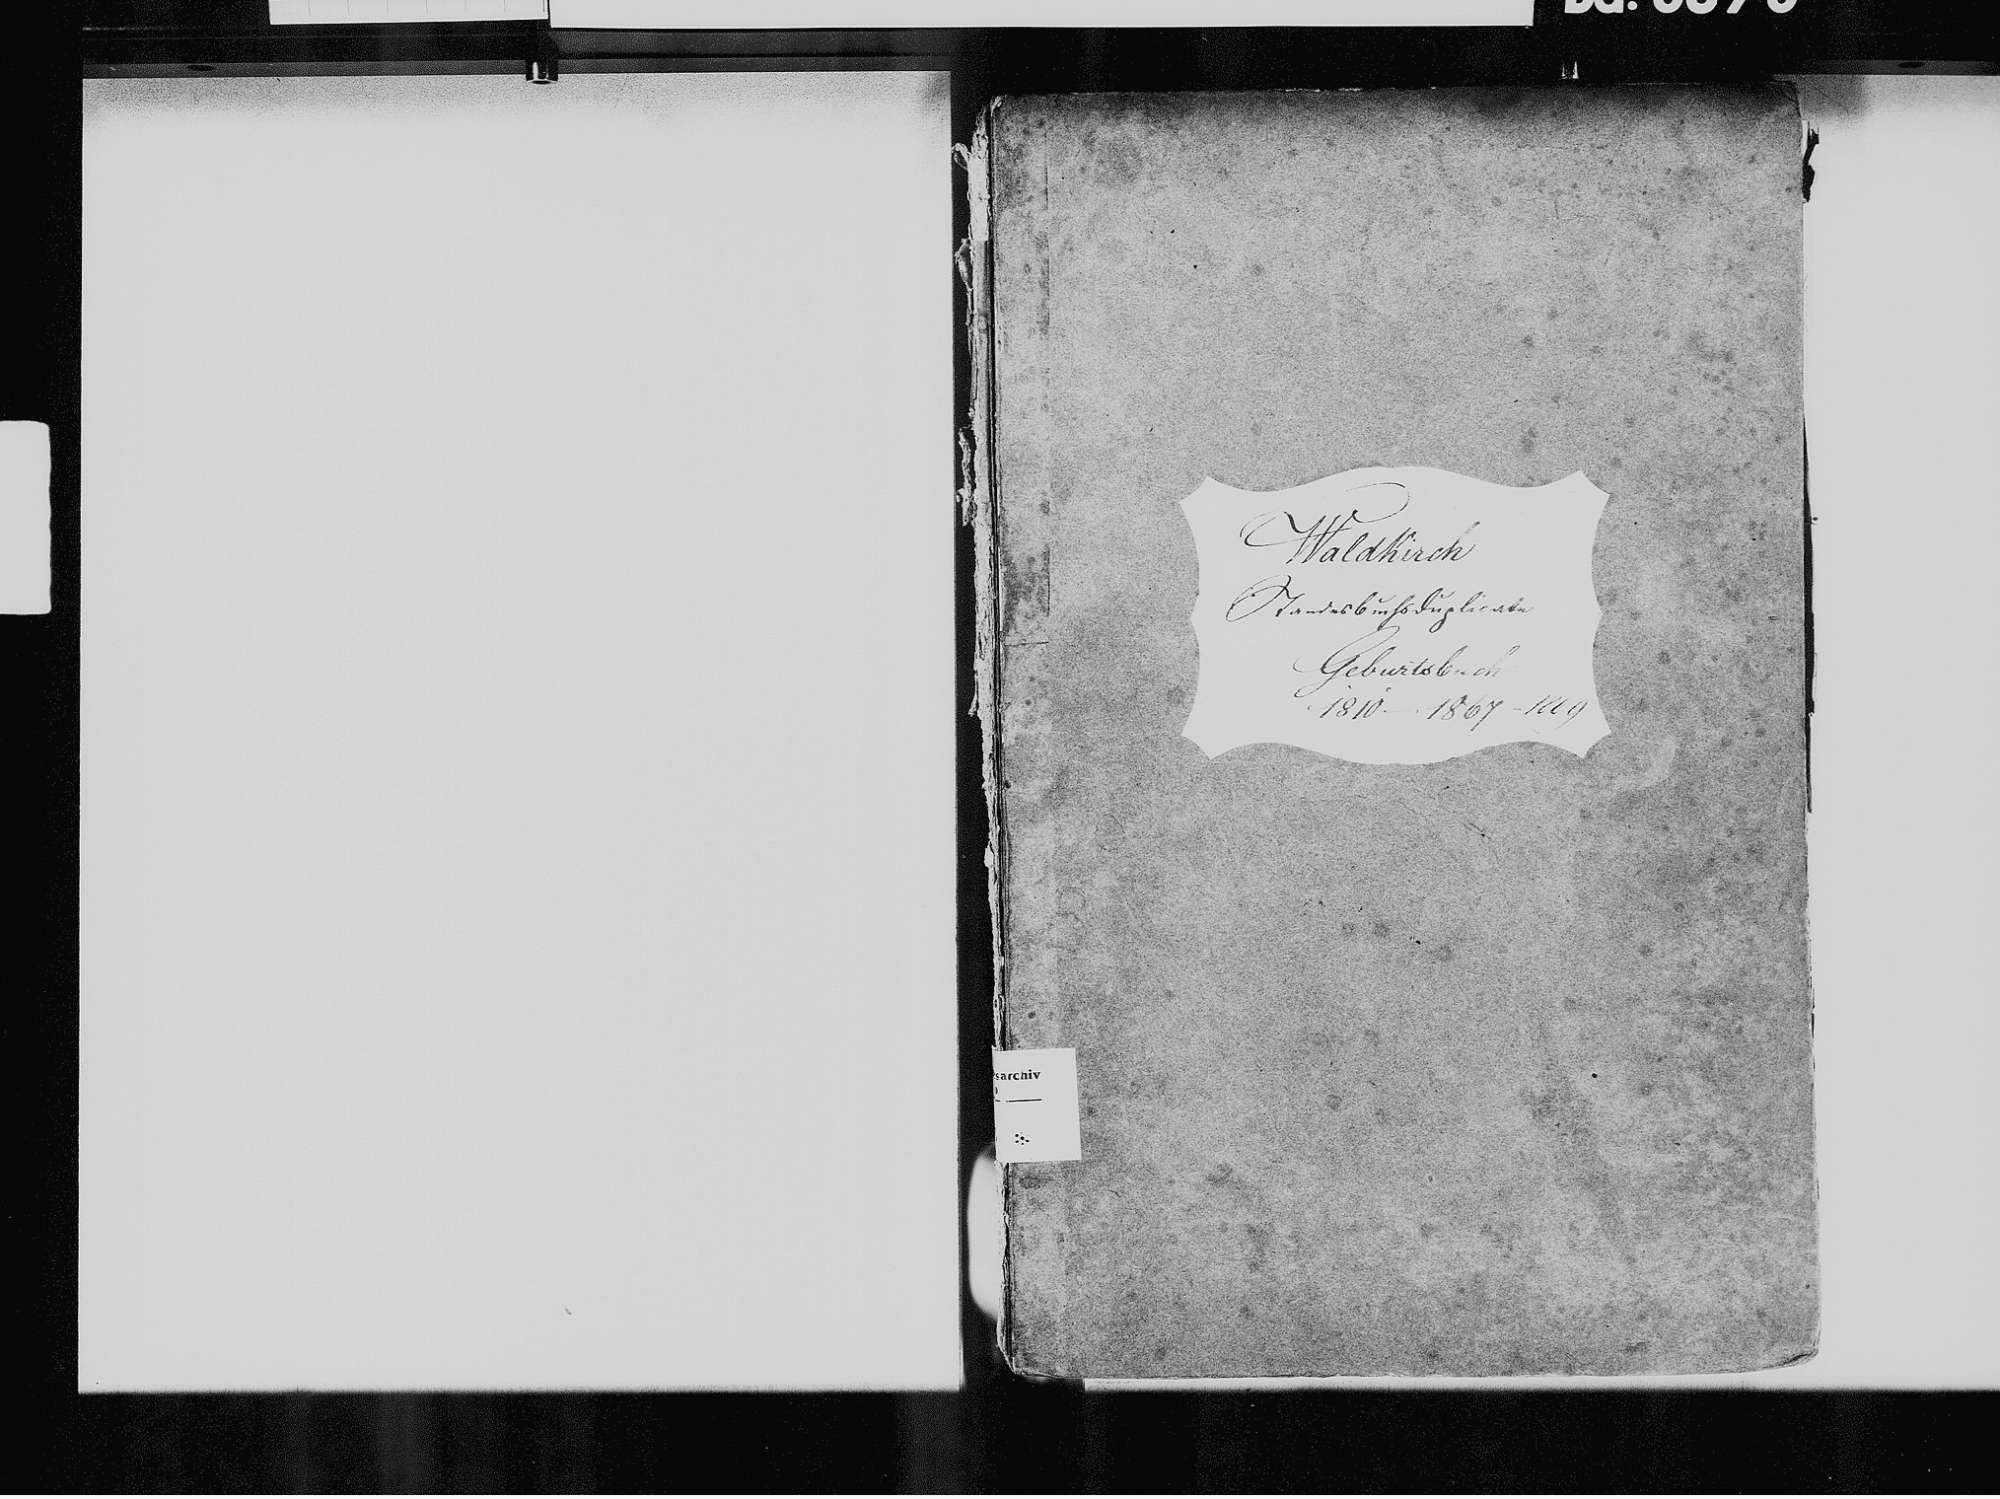 Waldkirch, Waldshut-Tiengen WT; Katholische Gemeinde: Geburtenbuch 1810-1869 Waldkirch, Waldshut-Tiengen WT; Katholische Gemeinde: Heiratsbuch 1851-1852, 1859 Waldkirch, Waldshut-Tiengen WT; Katholische Gemeinde: Sterbebuch 1852, 1863, Bild 3